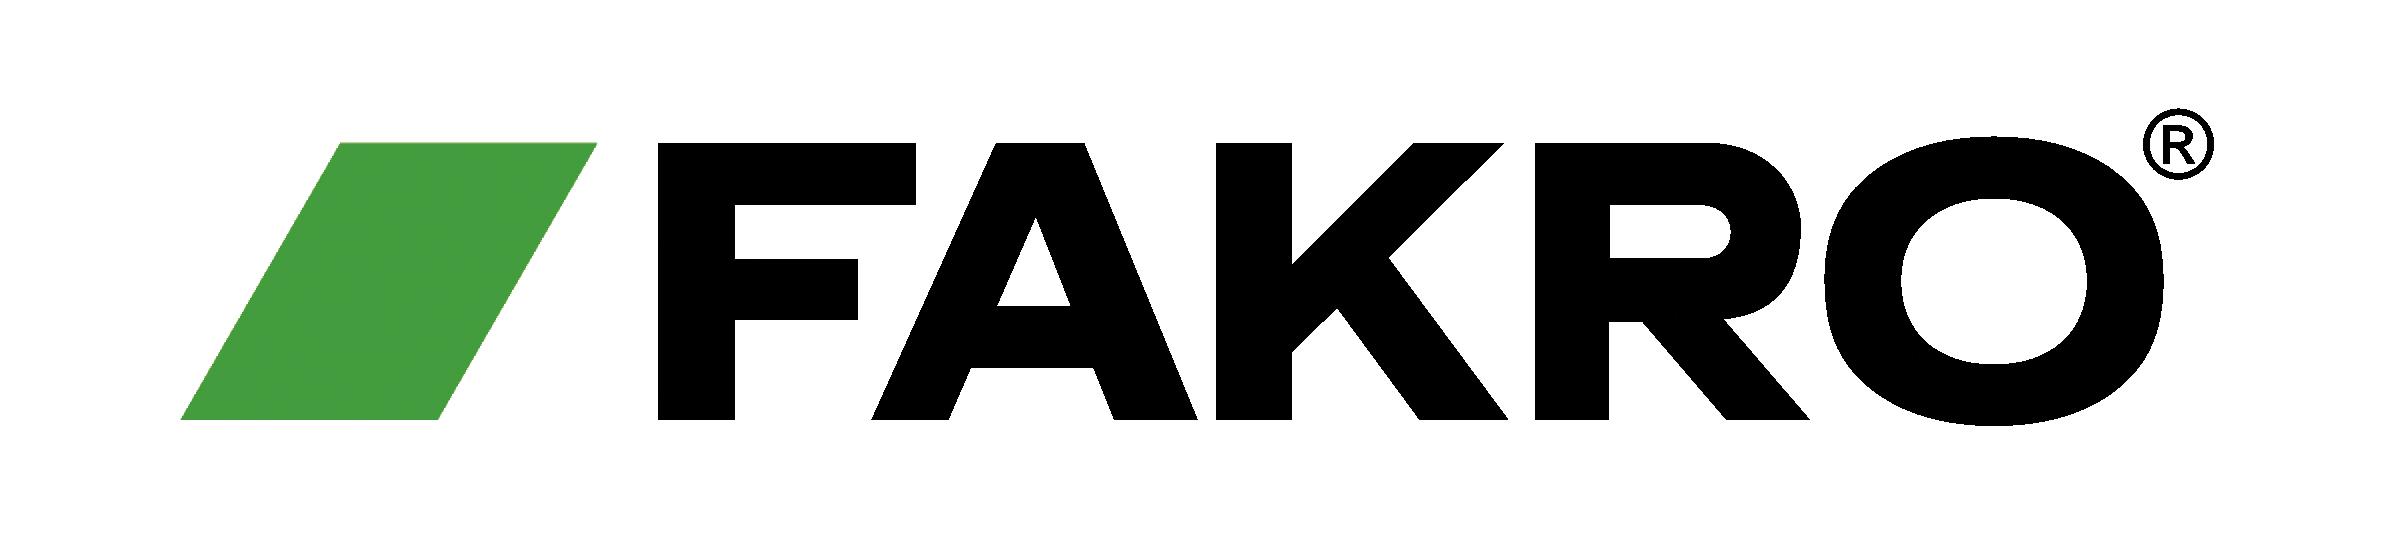 fakro_logo_rgb